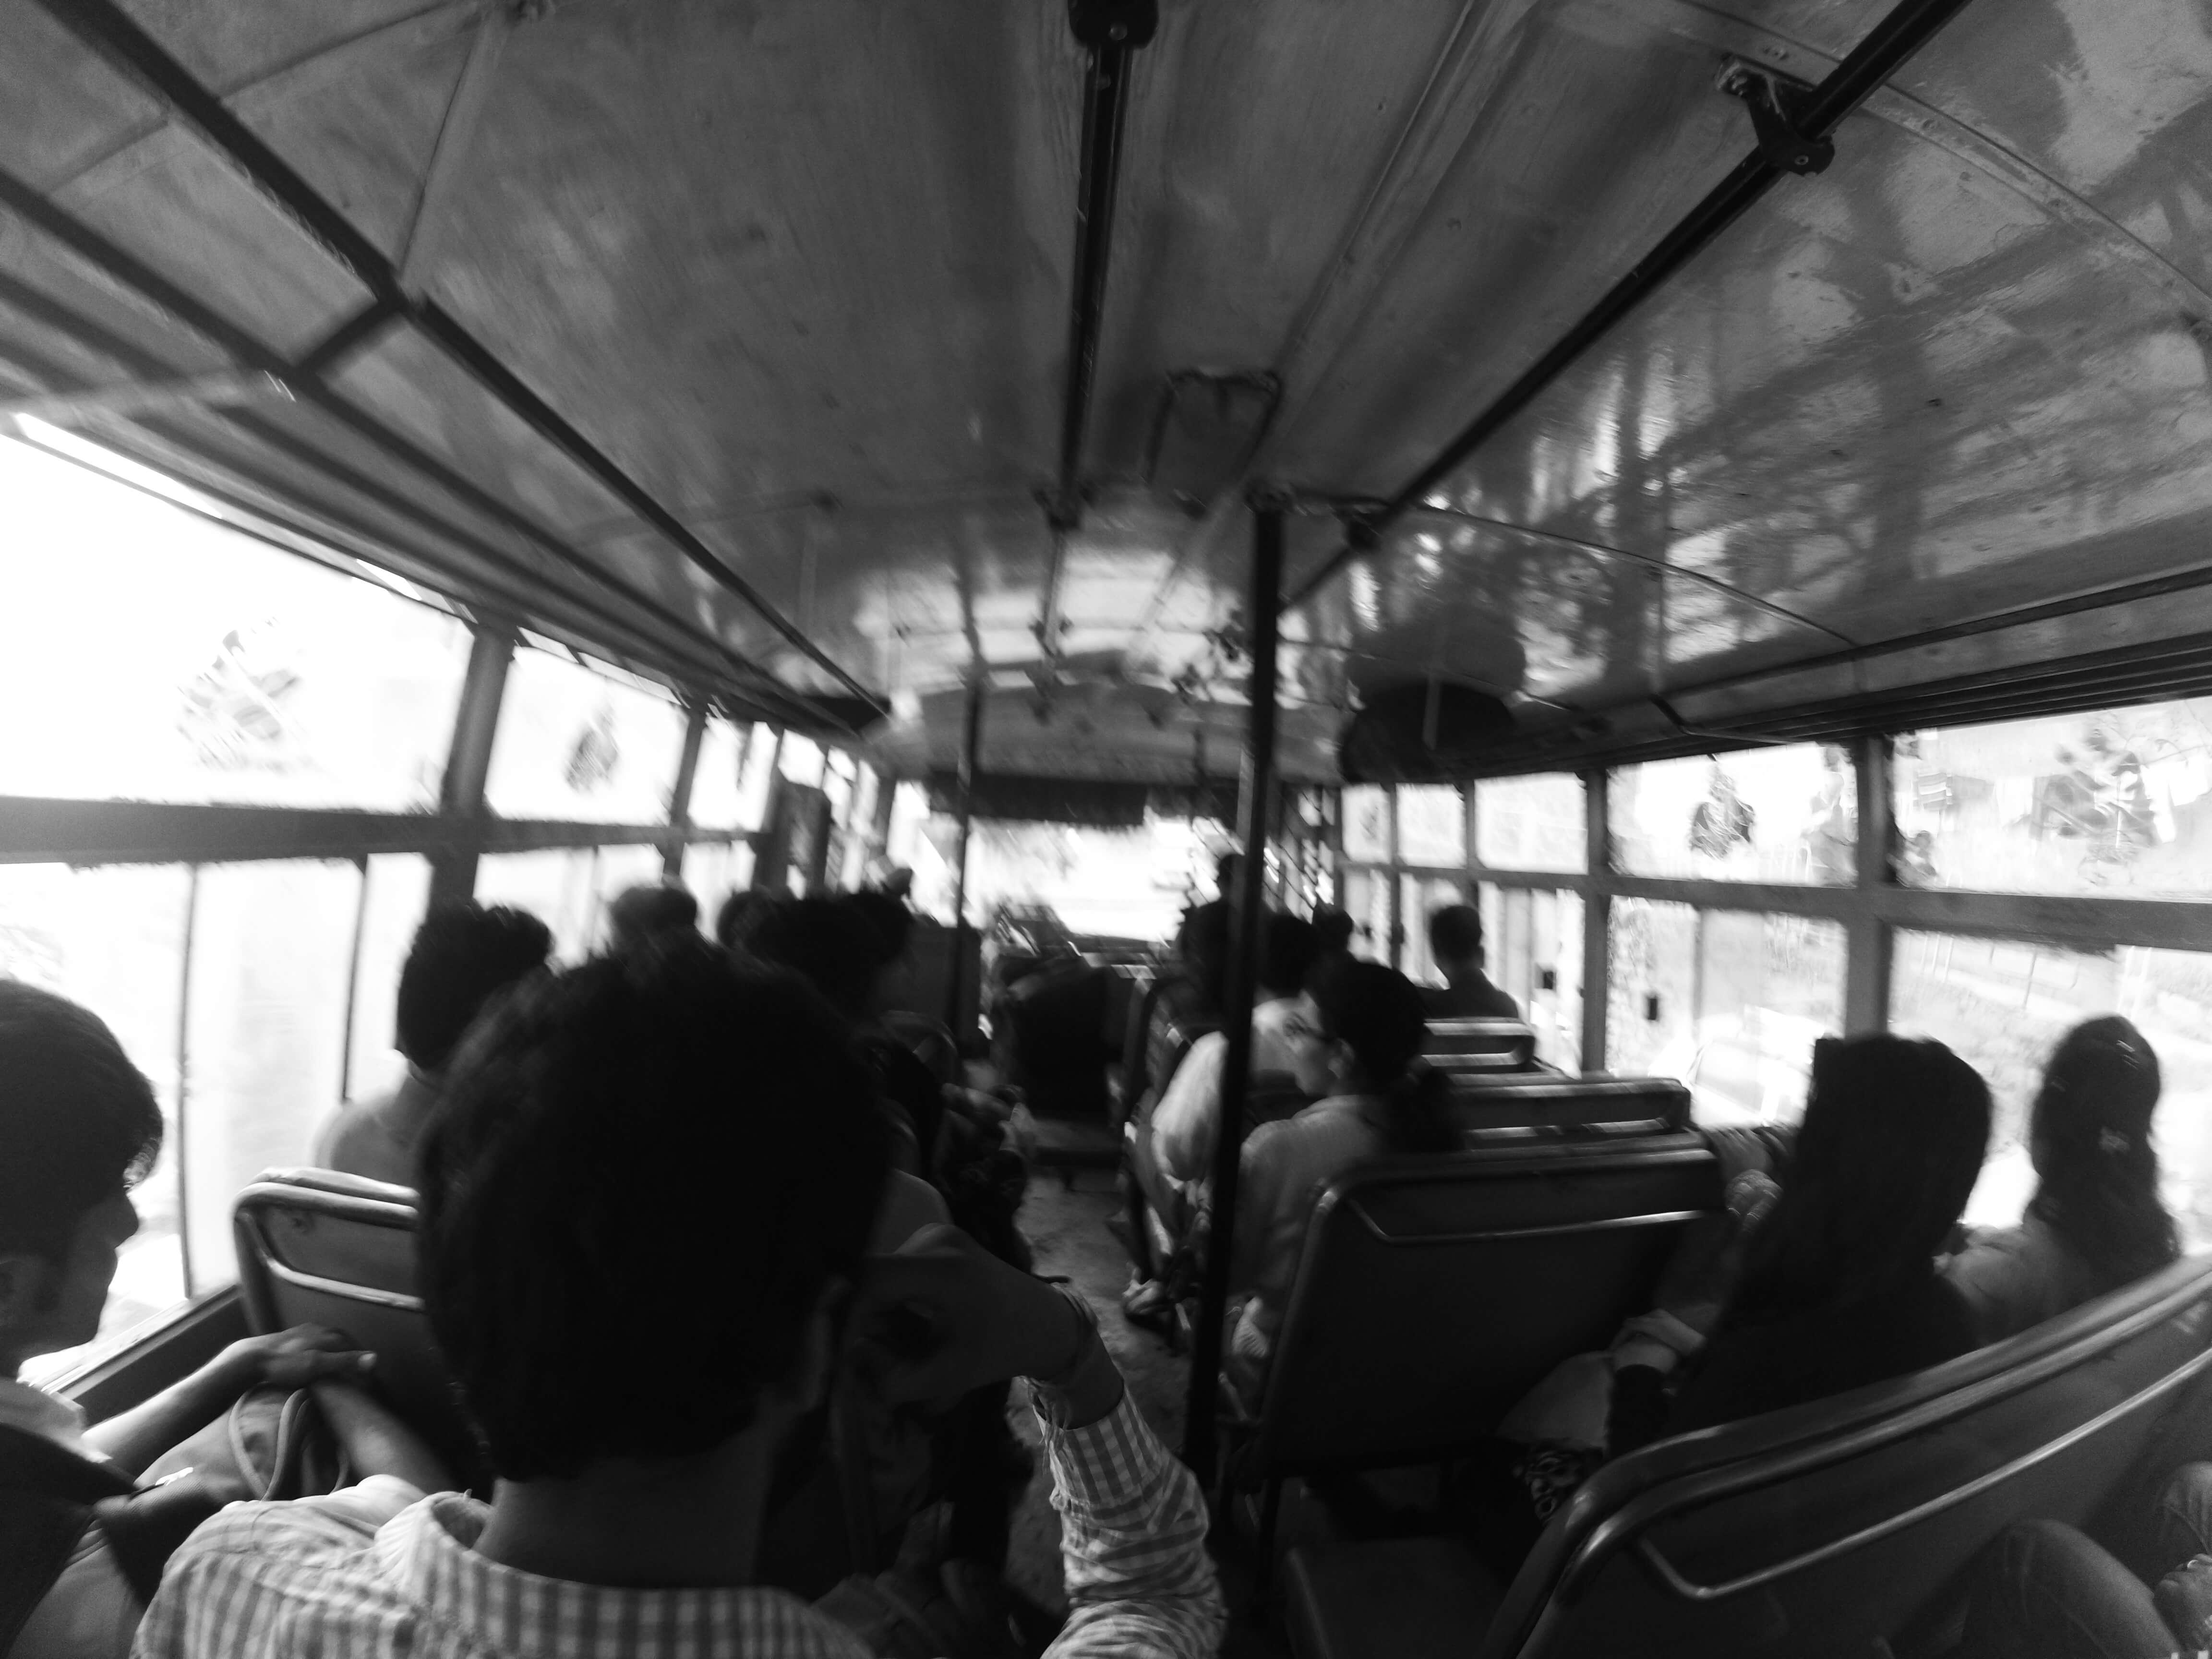 印度|喜馬偕爾邦的公車|The bus in Himachal Pradesh